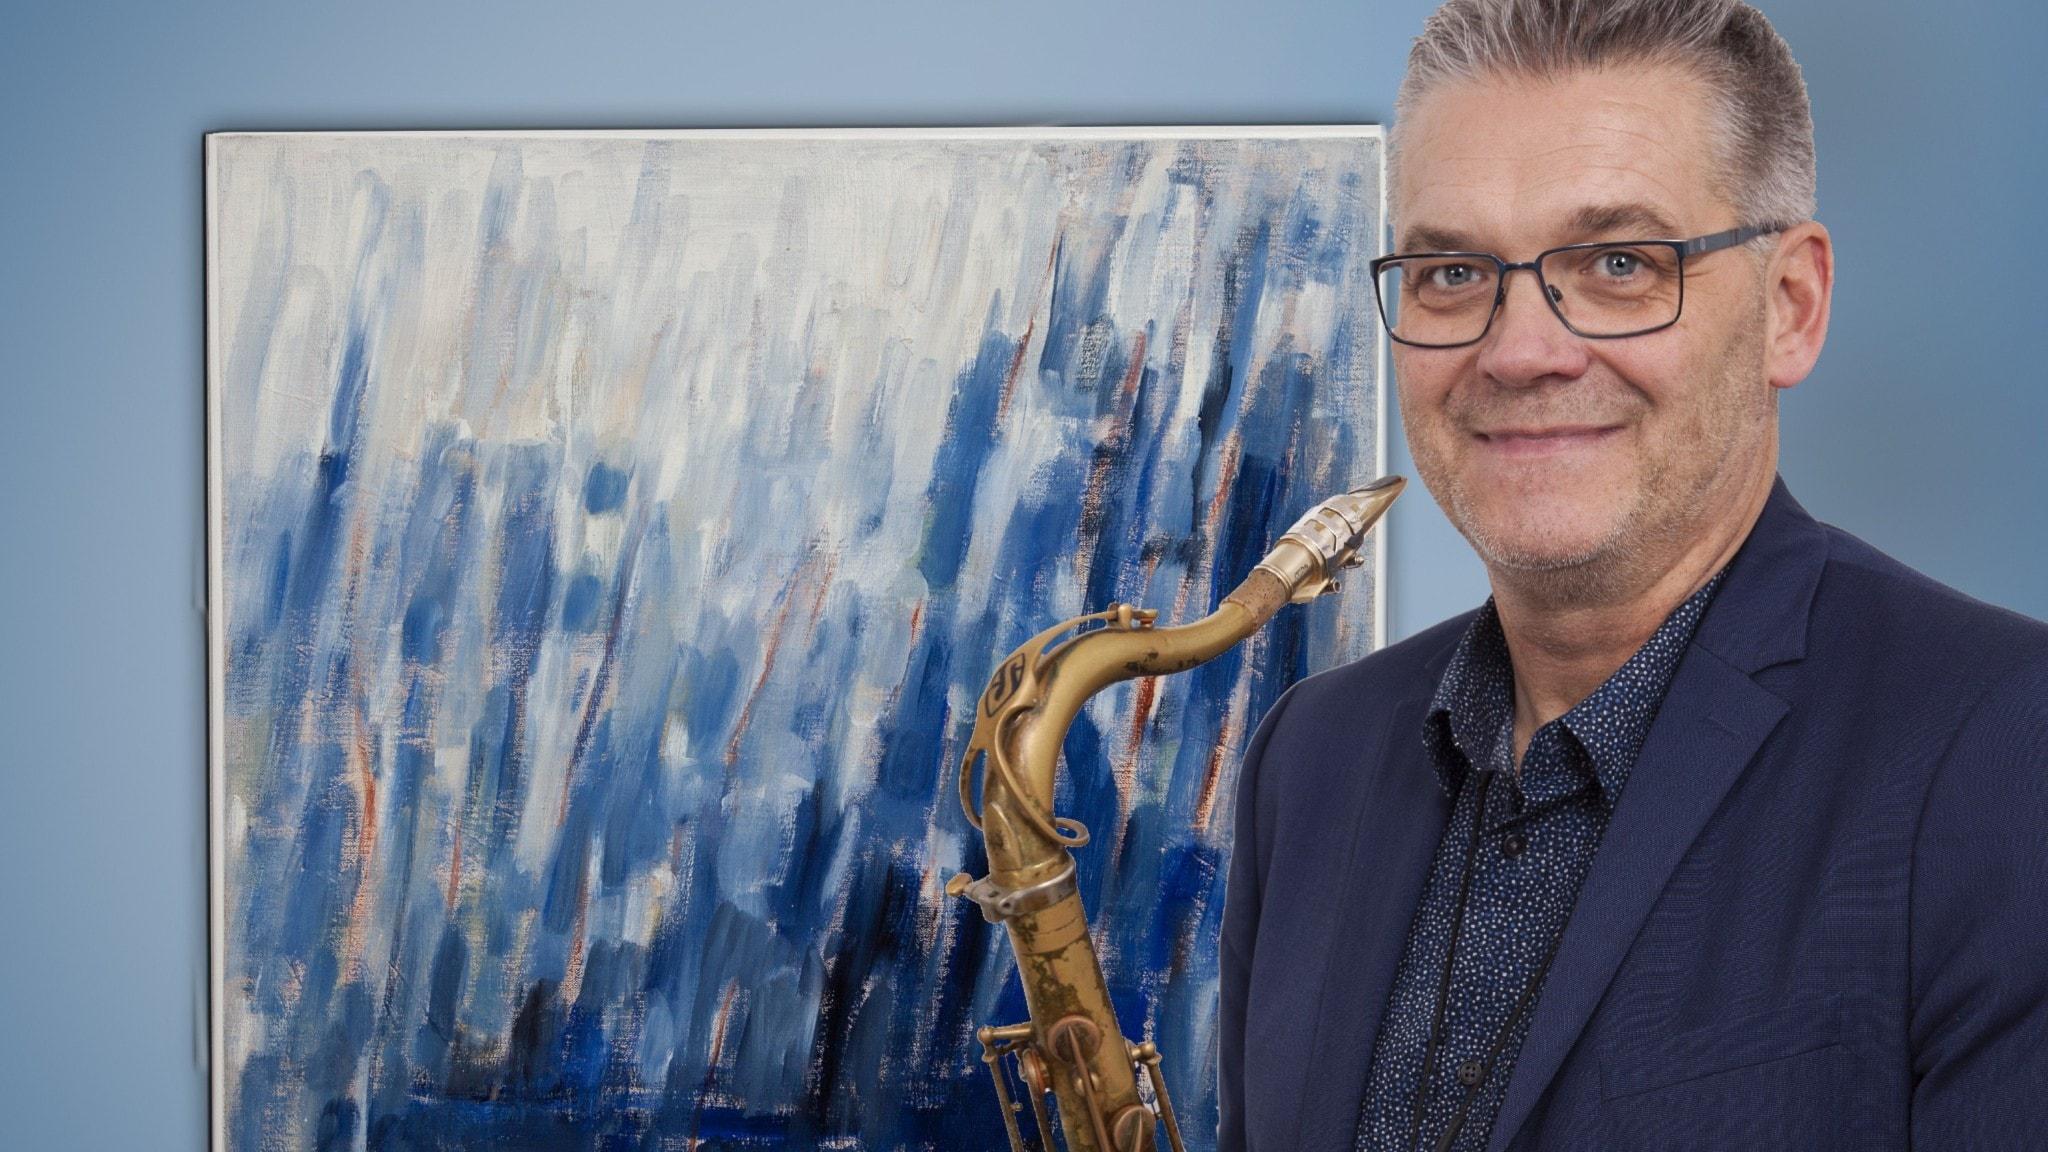 """Saxofonisten Per Thornberg framför tavlan """"Blå rytm"""" av Signe Lanje (1912-2004) som han har gjort musik till. Foto: Micke Vigh Svensson."""